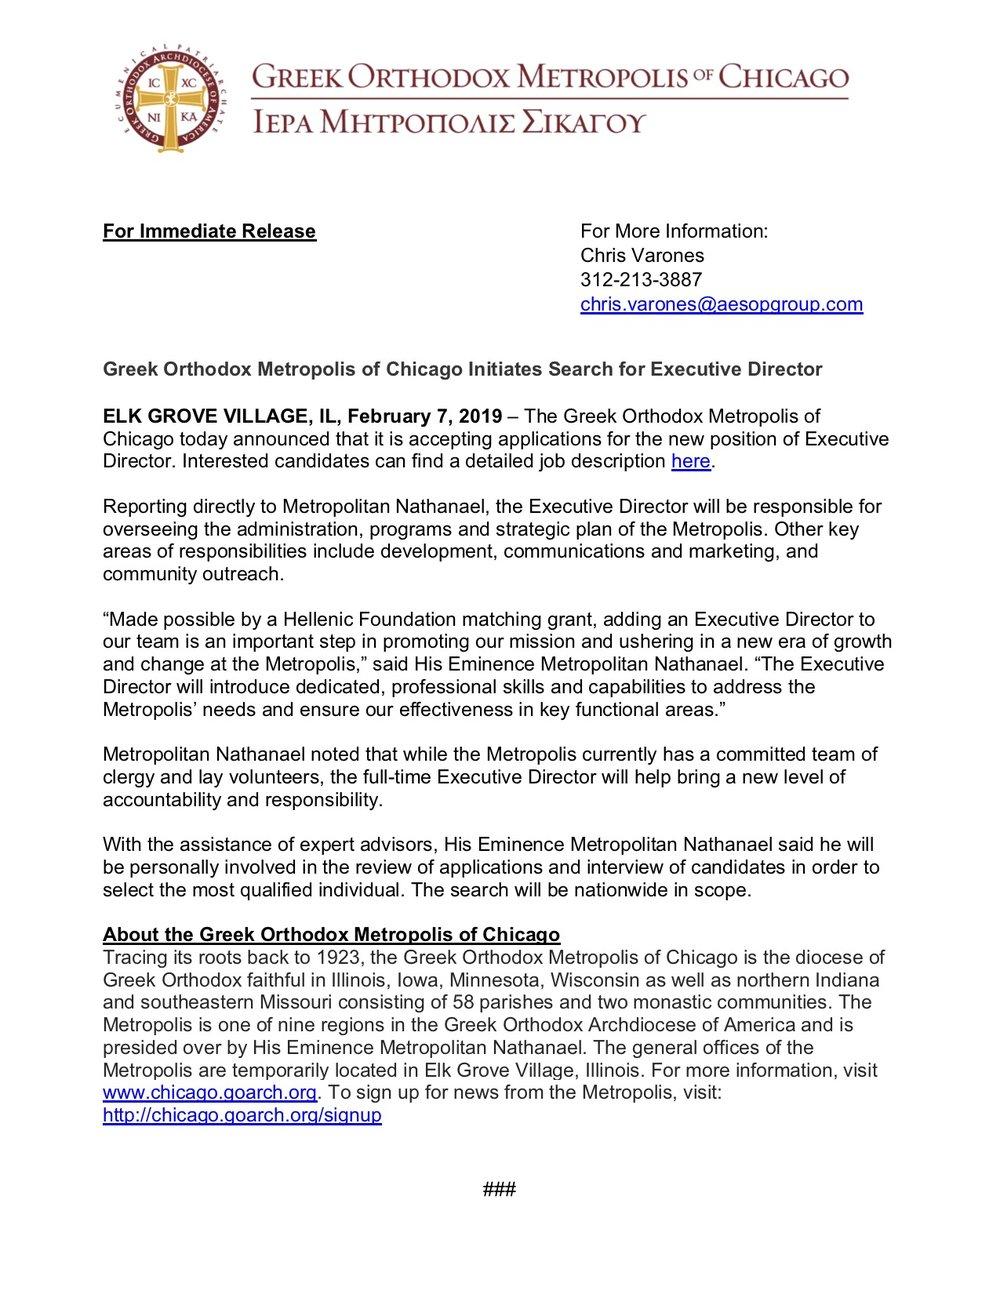 Executive Director Press Release - Ver. 2 02062019 (002).jpg